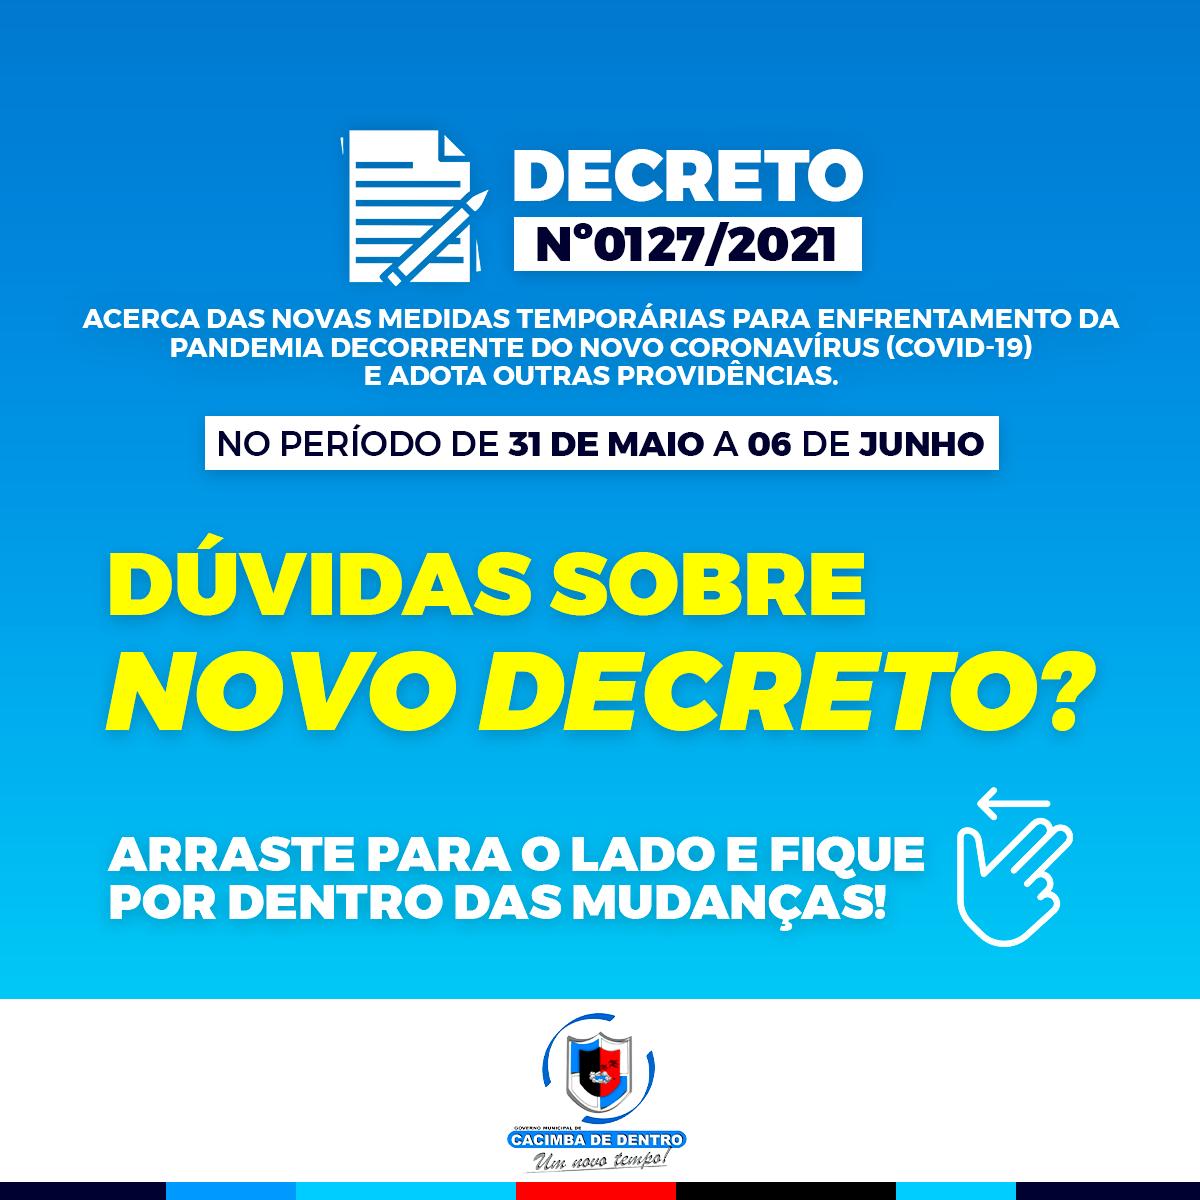 DECRETO Nº0127/2021 MEDIDAS TEMPORÁRIAS PARA ENFRENTAMENTO DA PANDEMIA